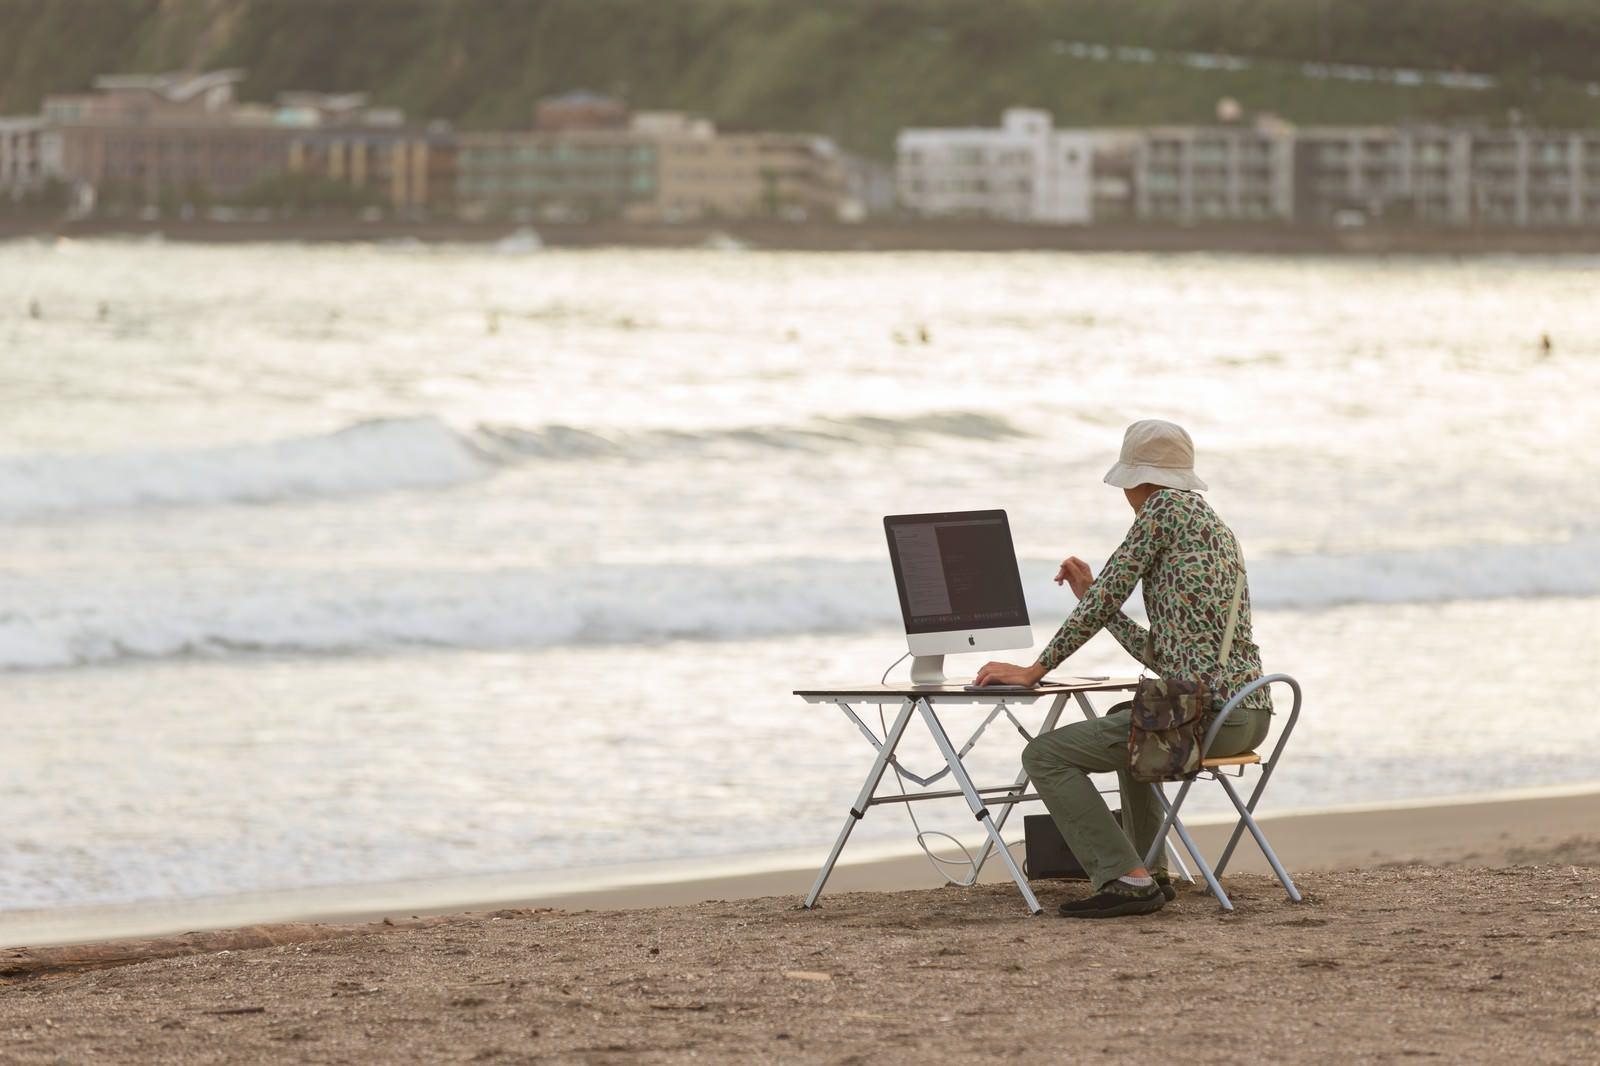 「サーフィンをしに海へ来たのに、ついついコーディングしてしまうIT戦士サーフィンをしに海へ来たのに、ついついコーディングしてしまうIT戦士」のフリー写真素材を拡大